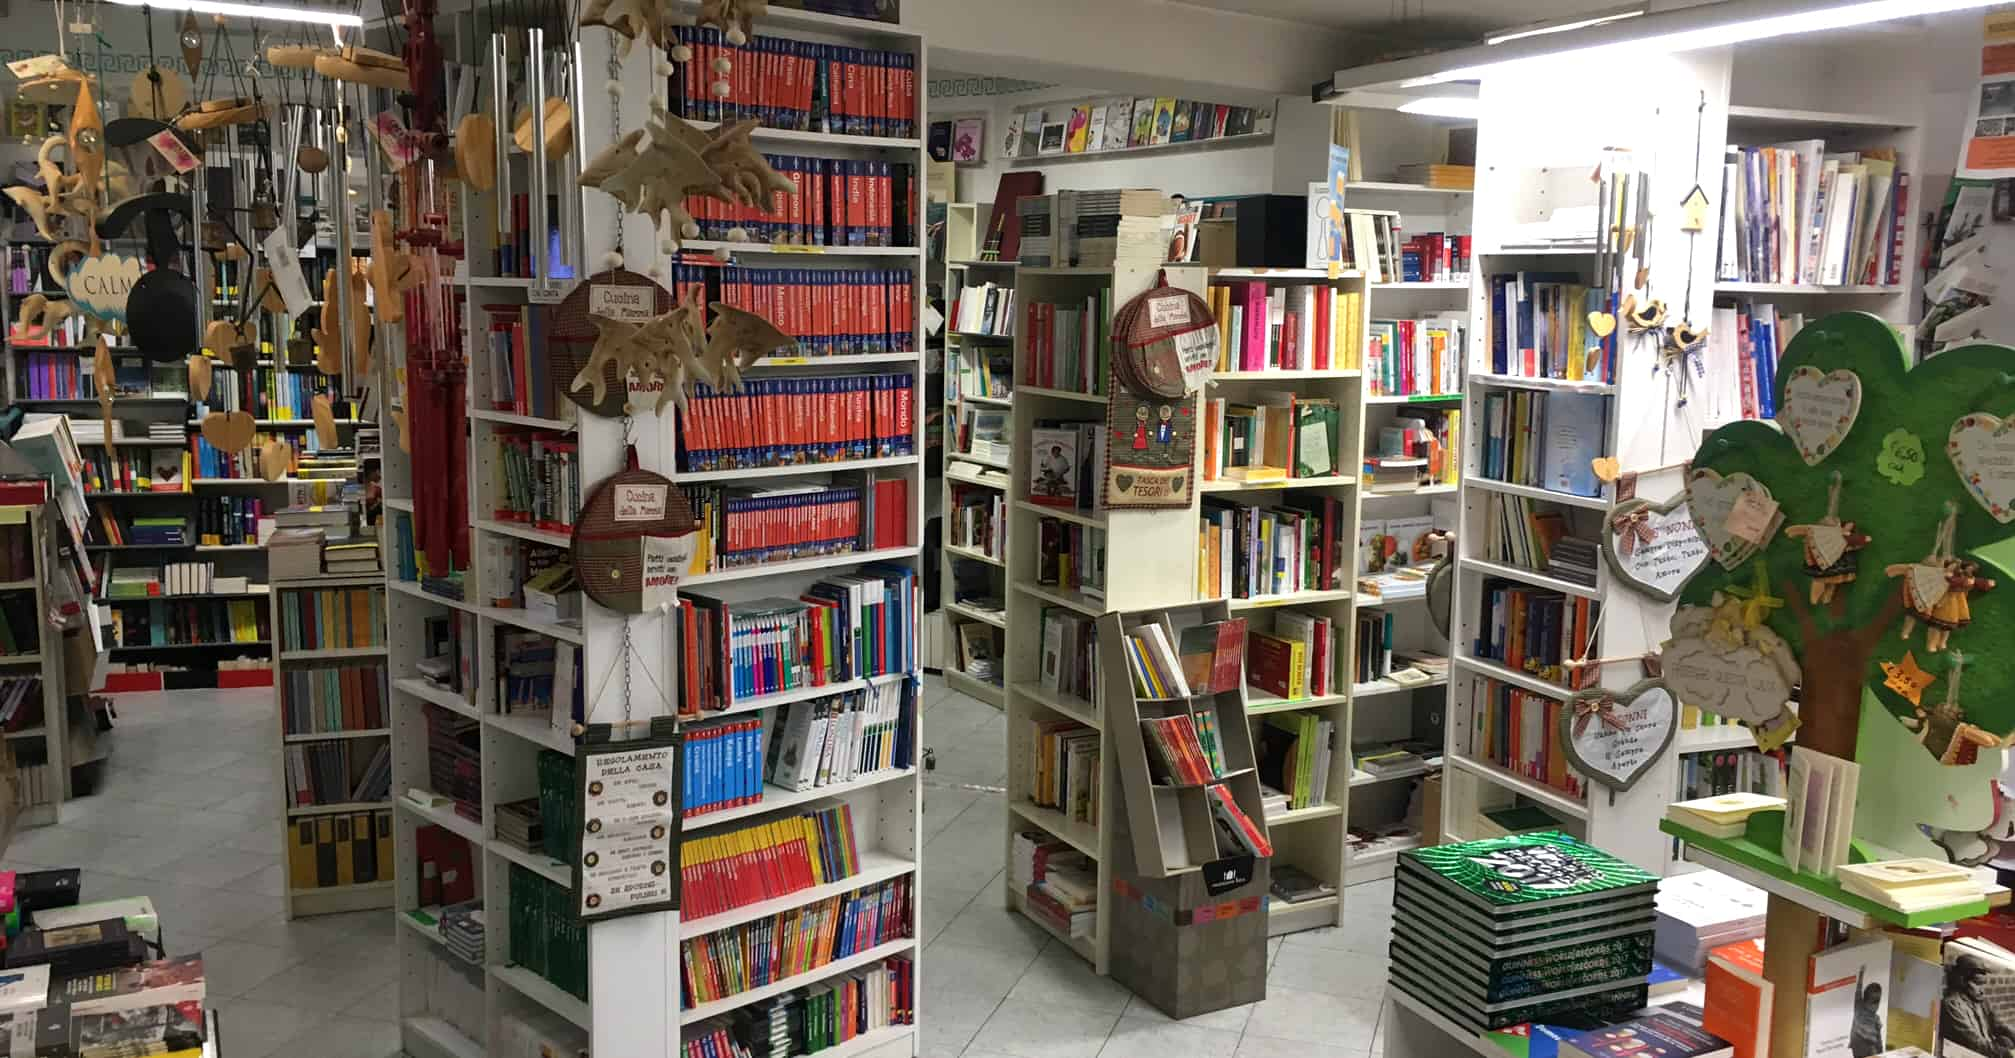 La memoria del mondo libreria editrice magenta pde